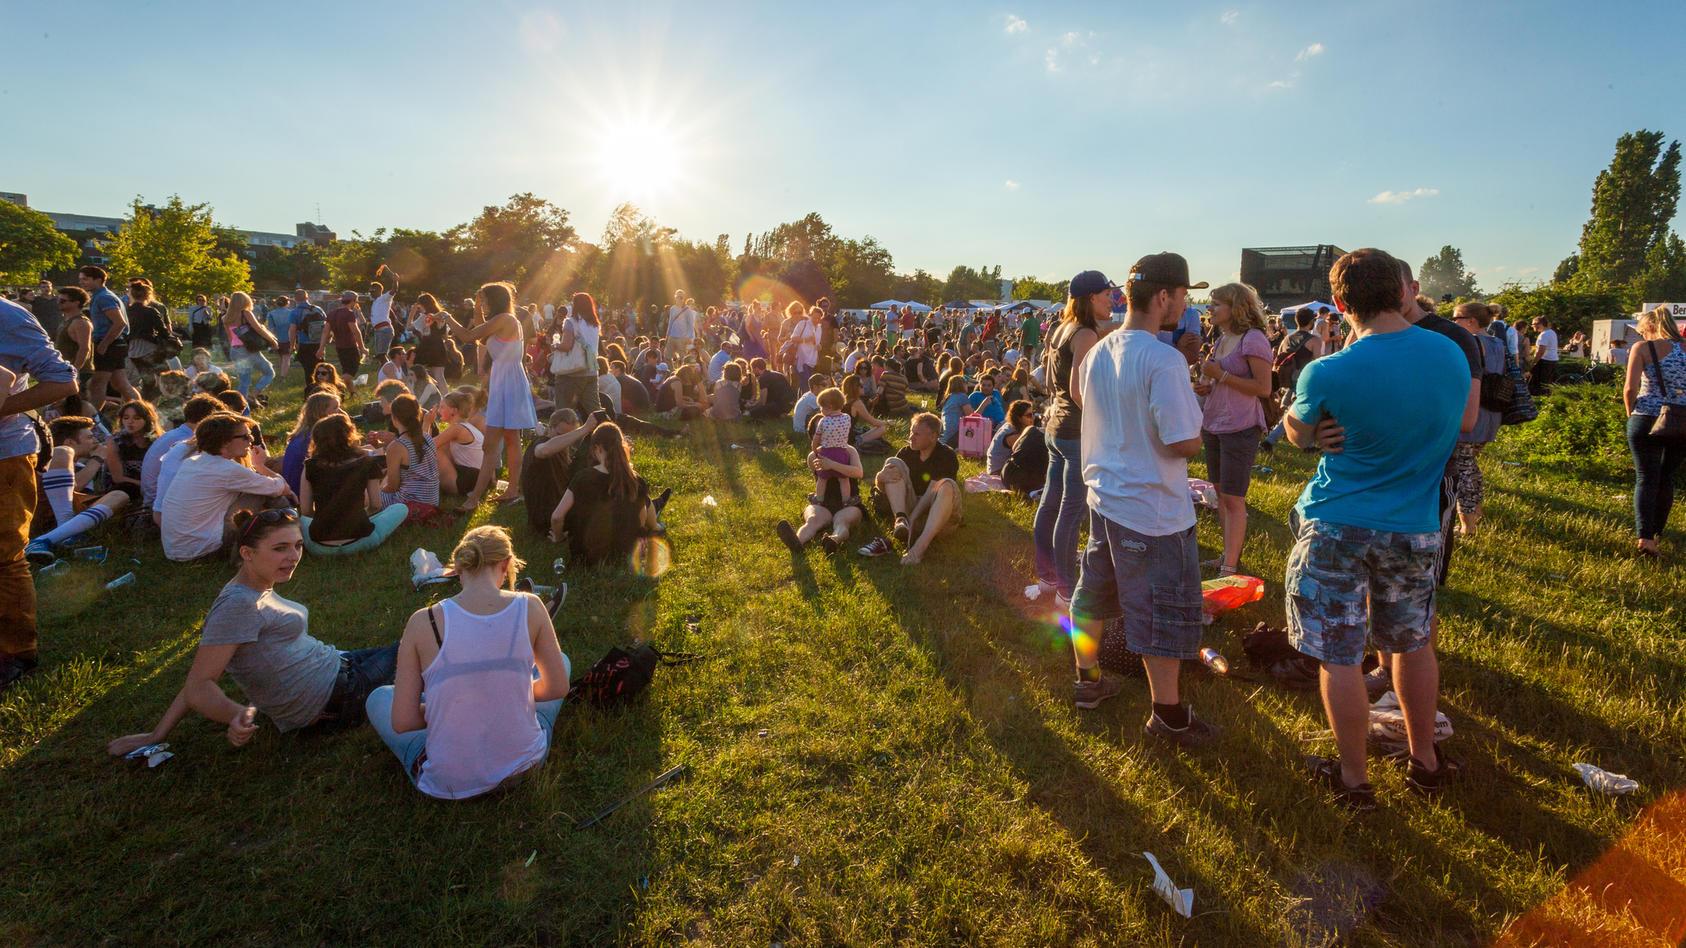 Sommer, Sonne, Festivalzeit!